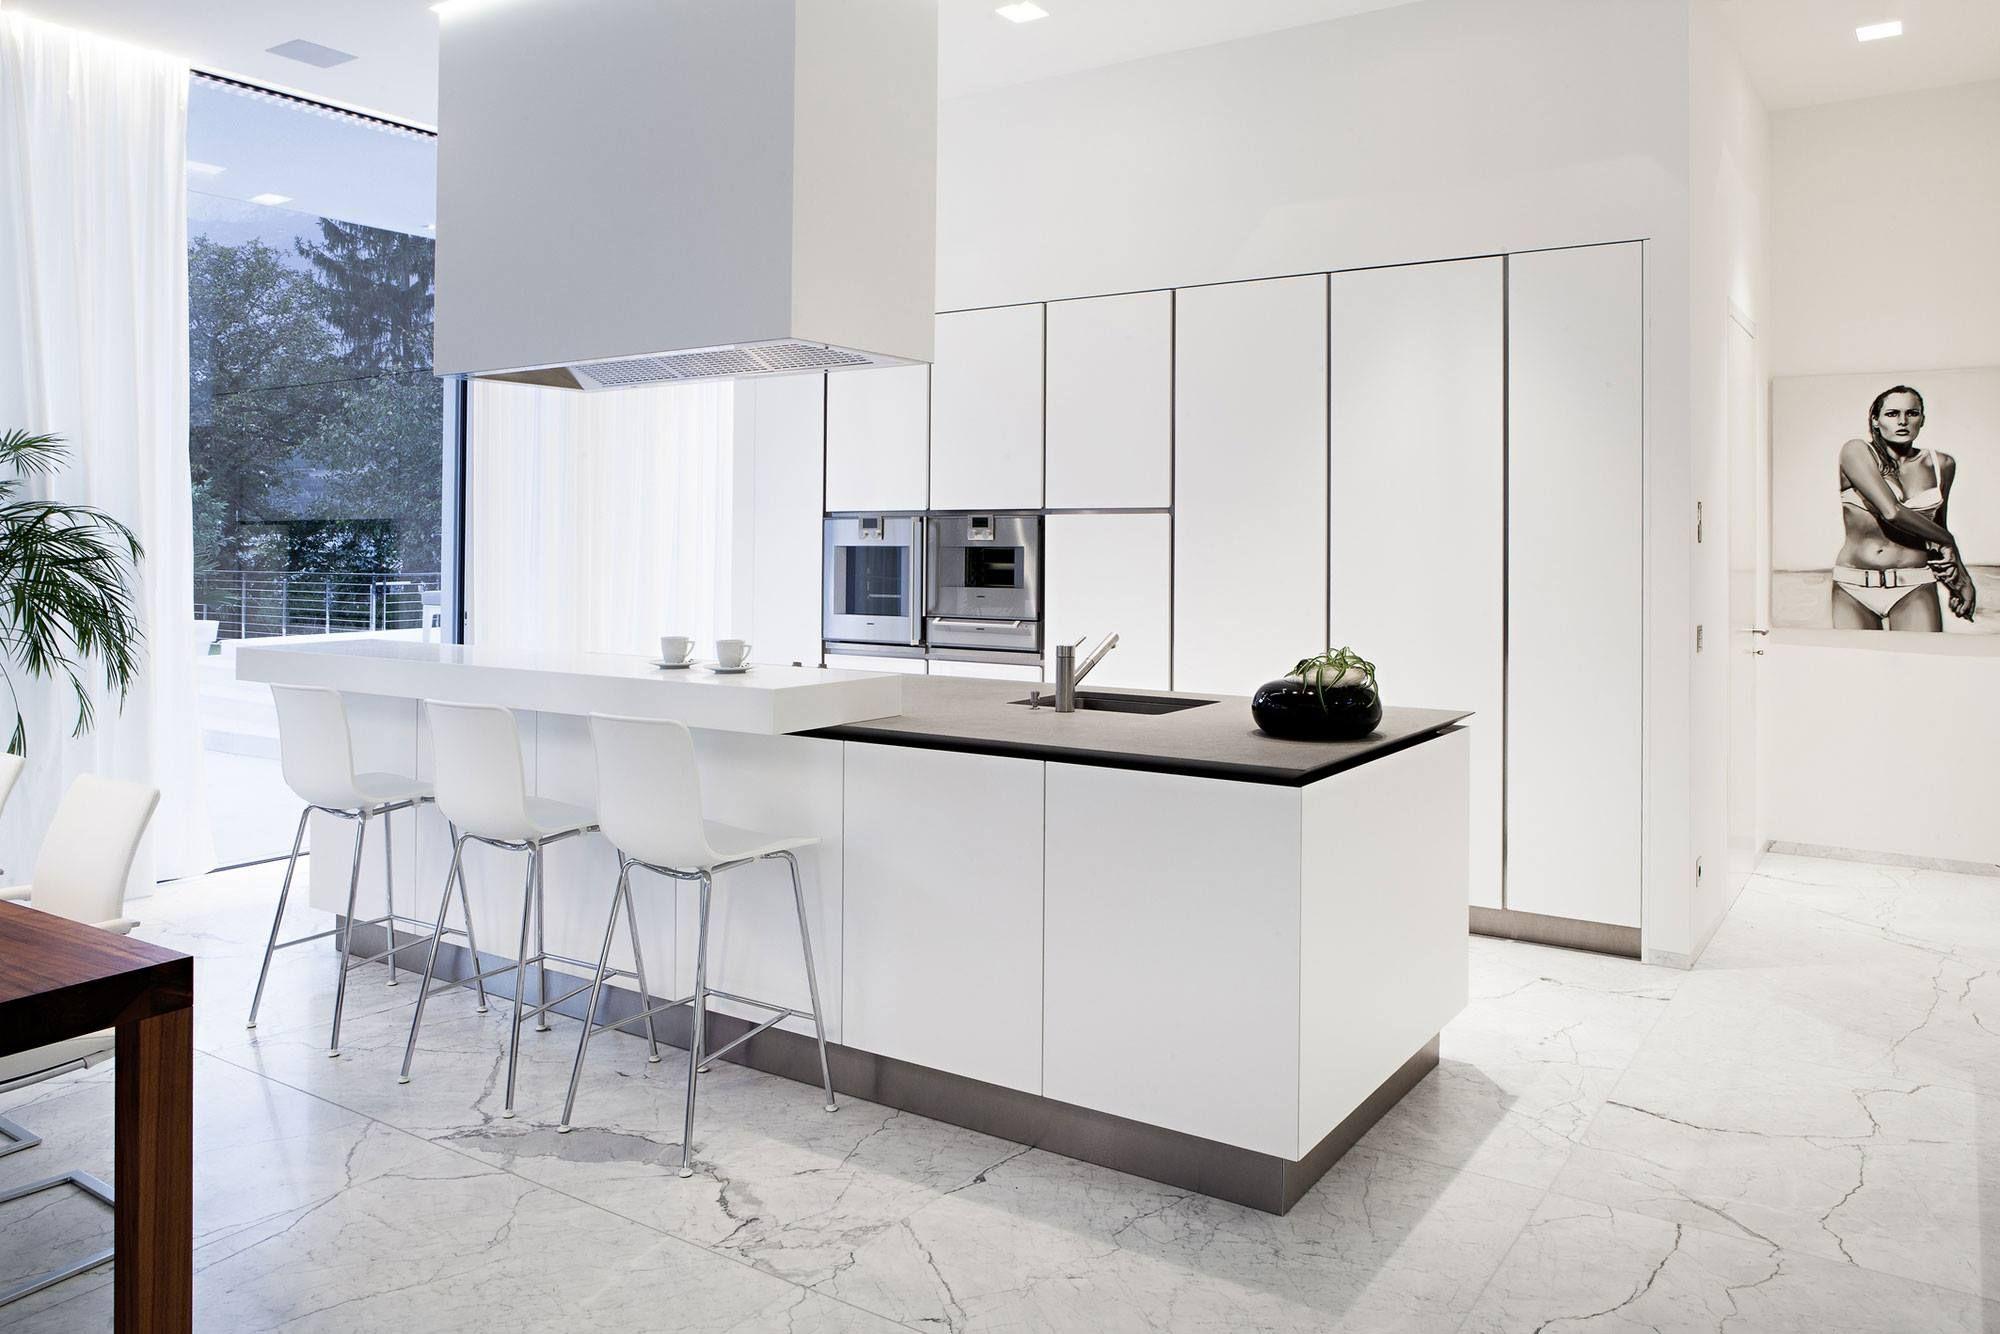 Kitchen - not extractor (love window)